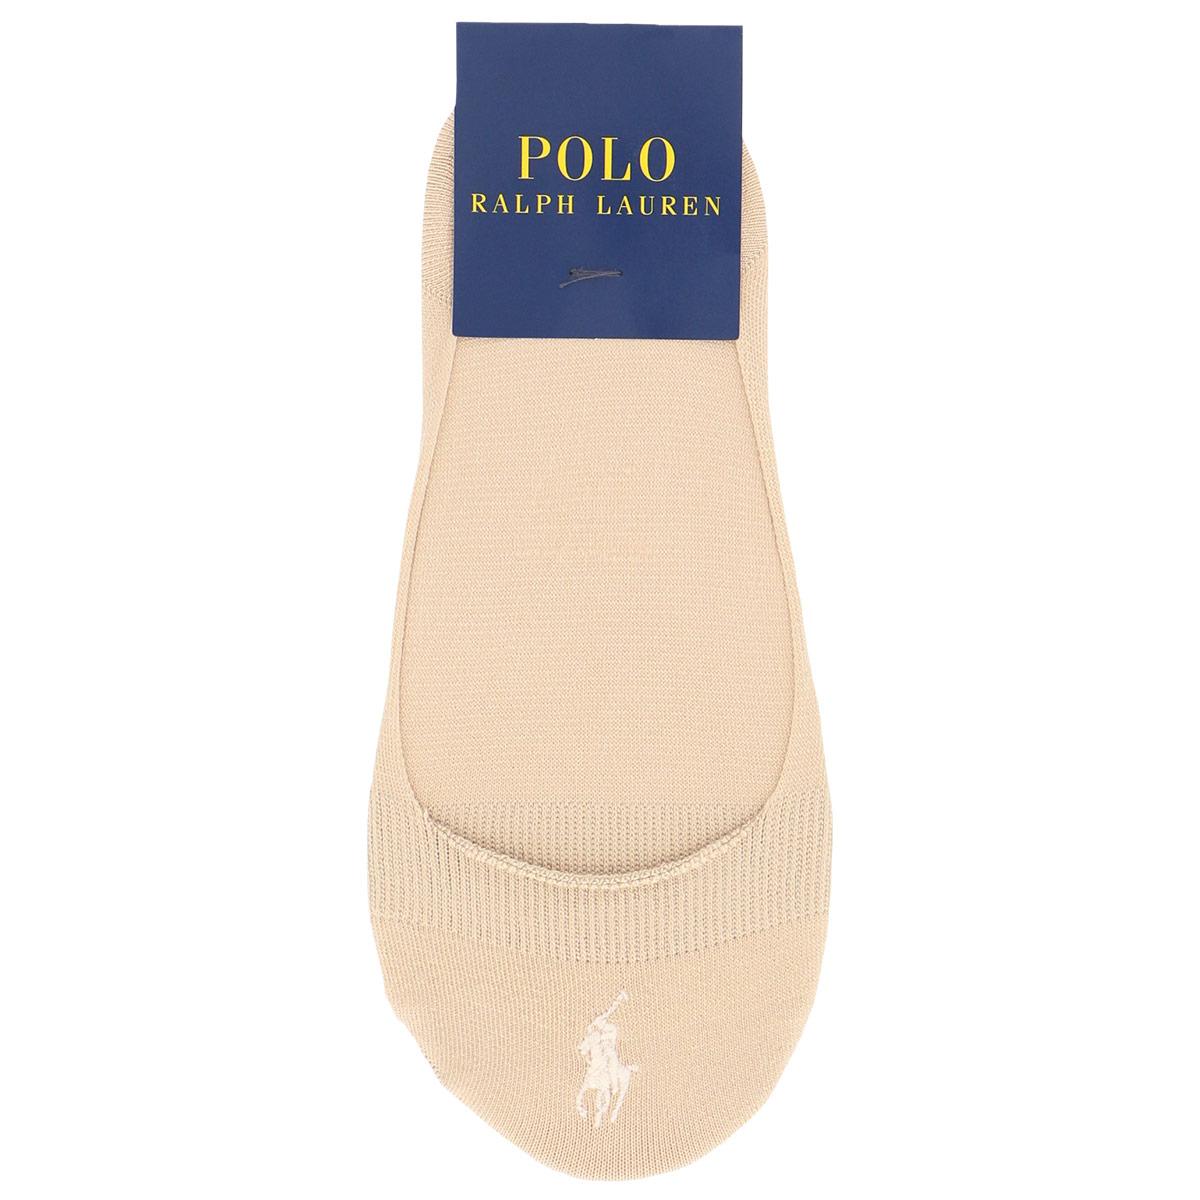 POLO RALPH LAUREN ポロ ラルフローレン|レディース 女性 婦人 靴下|消臭加工|ワンポイント刺繍|浅履きタイプ|フットカバー カバーソックス|3207-731 21M-27 【ゆうパケット・4点まで】